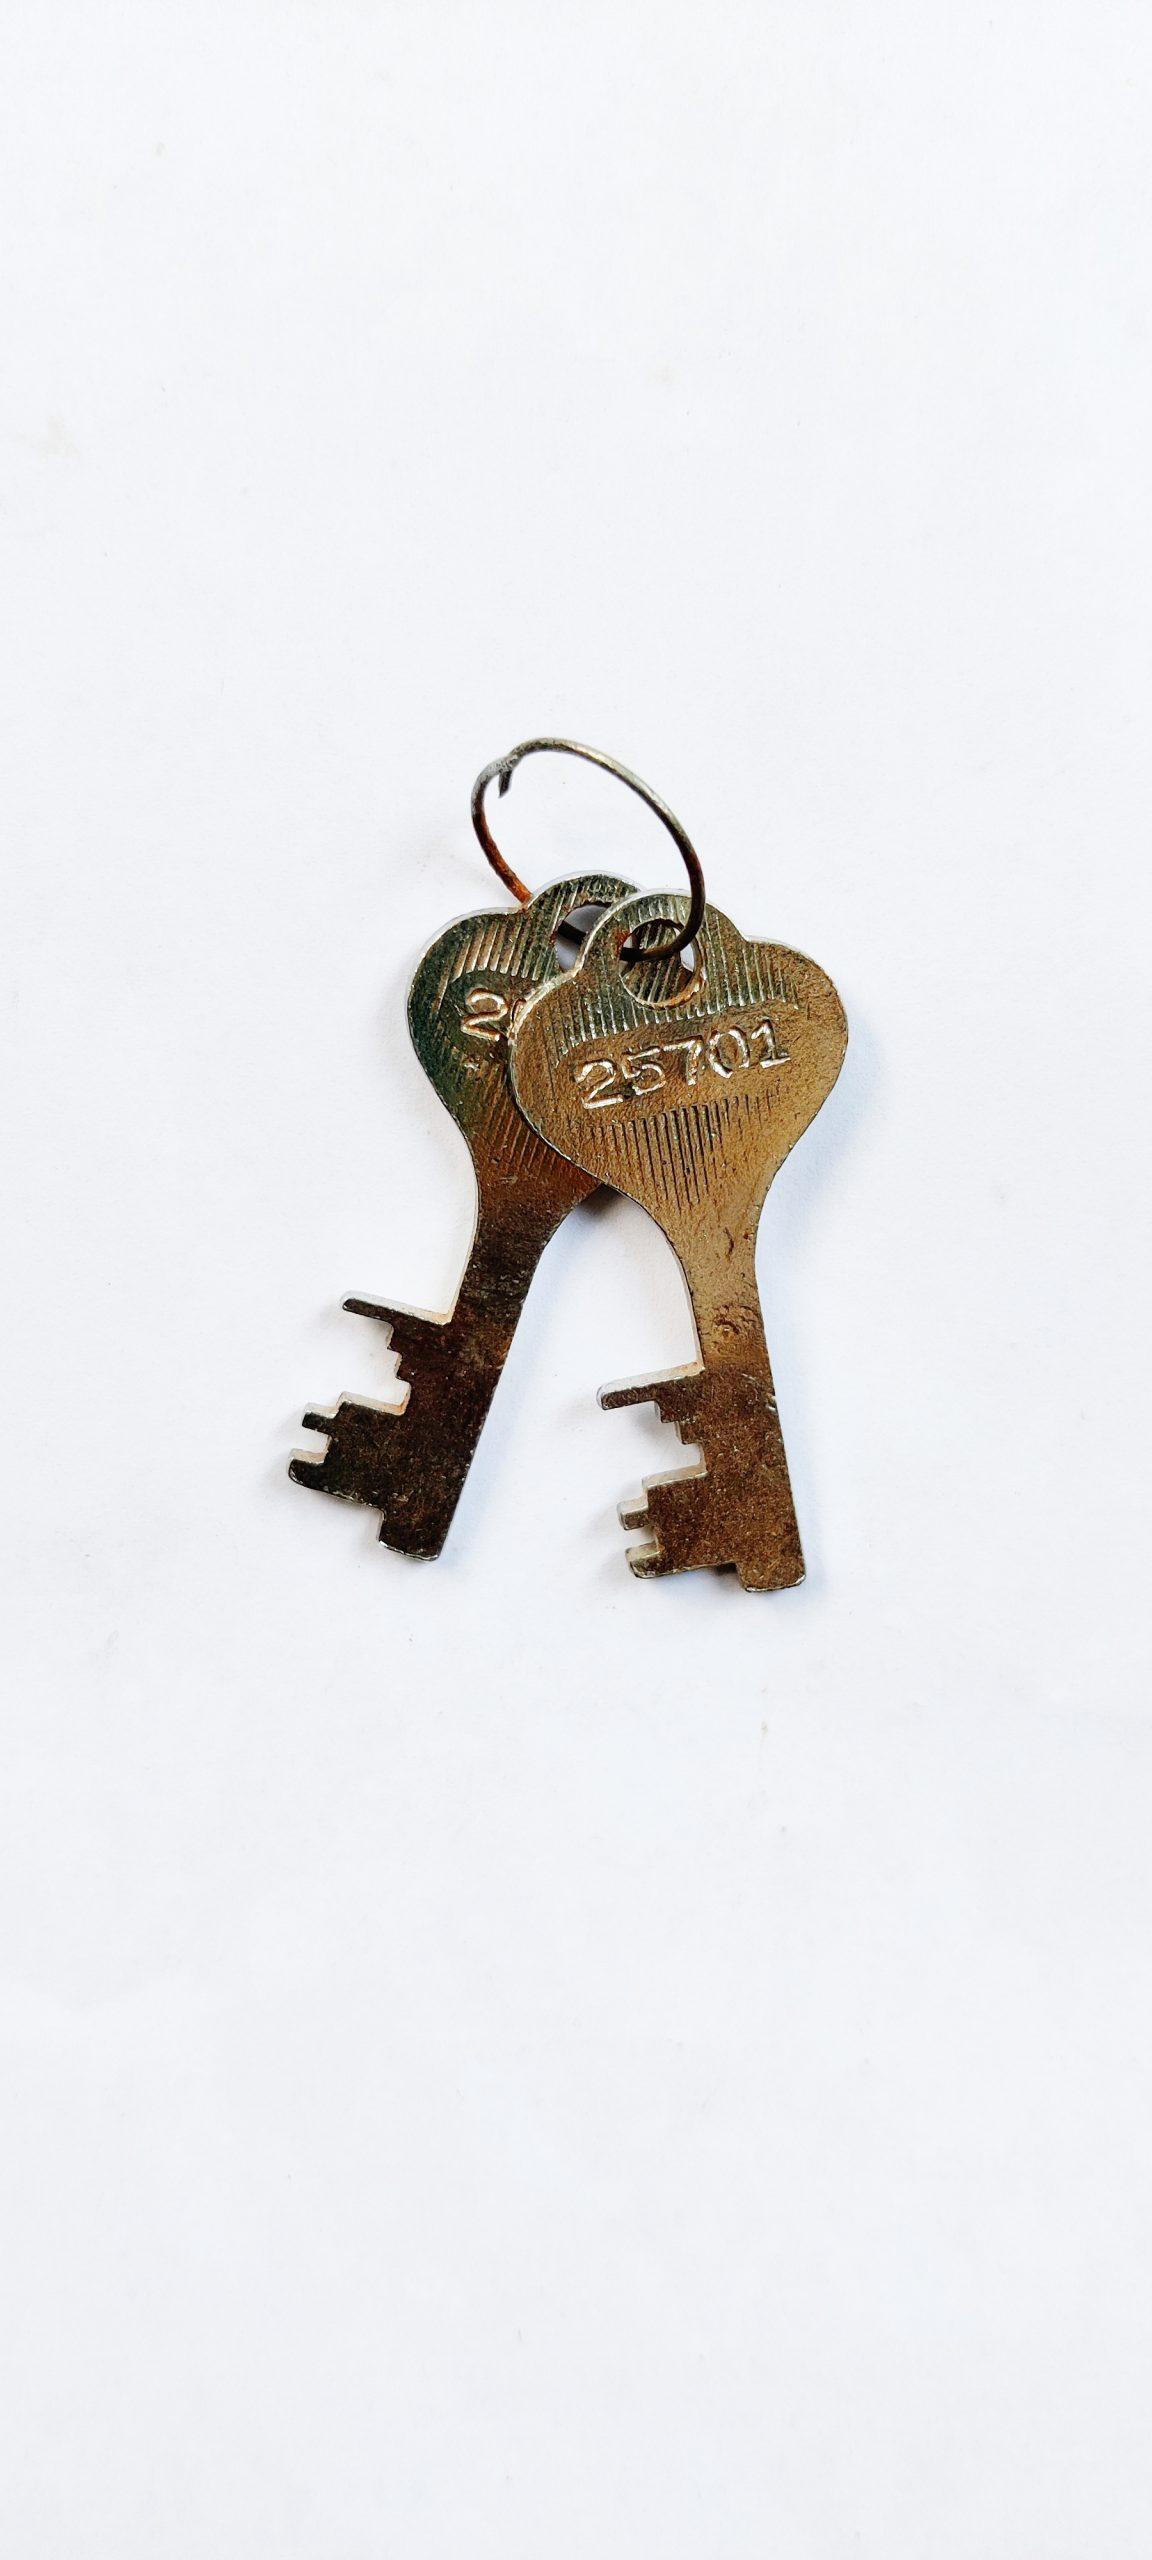 Keys of a lock